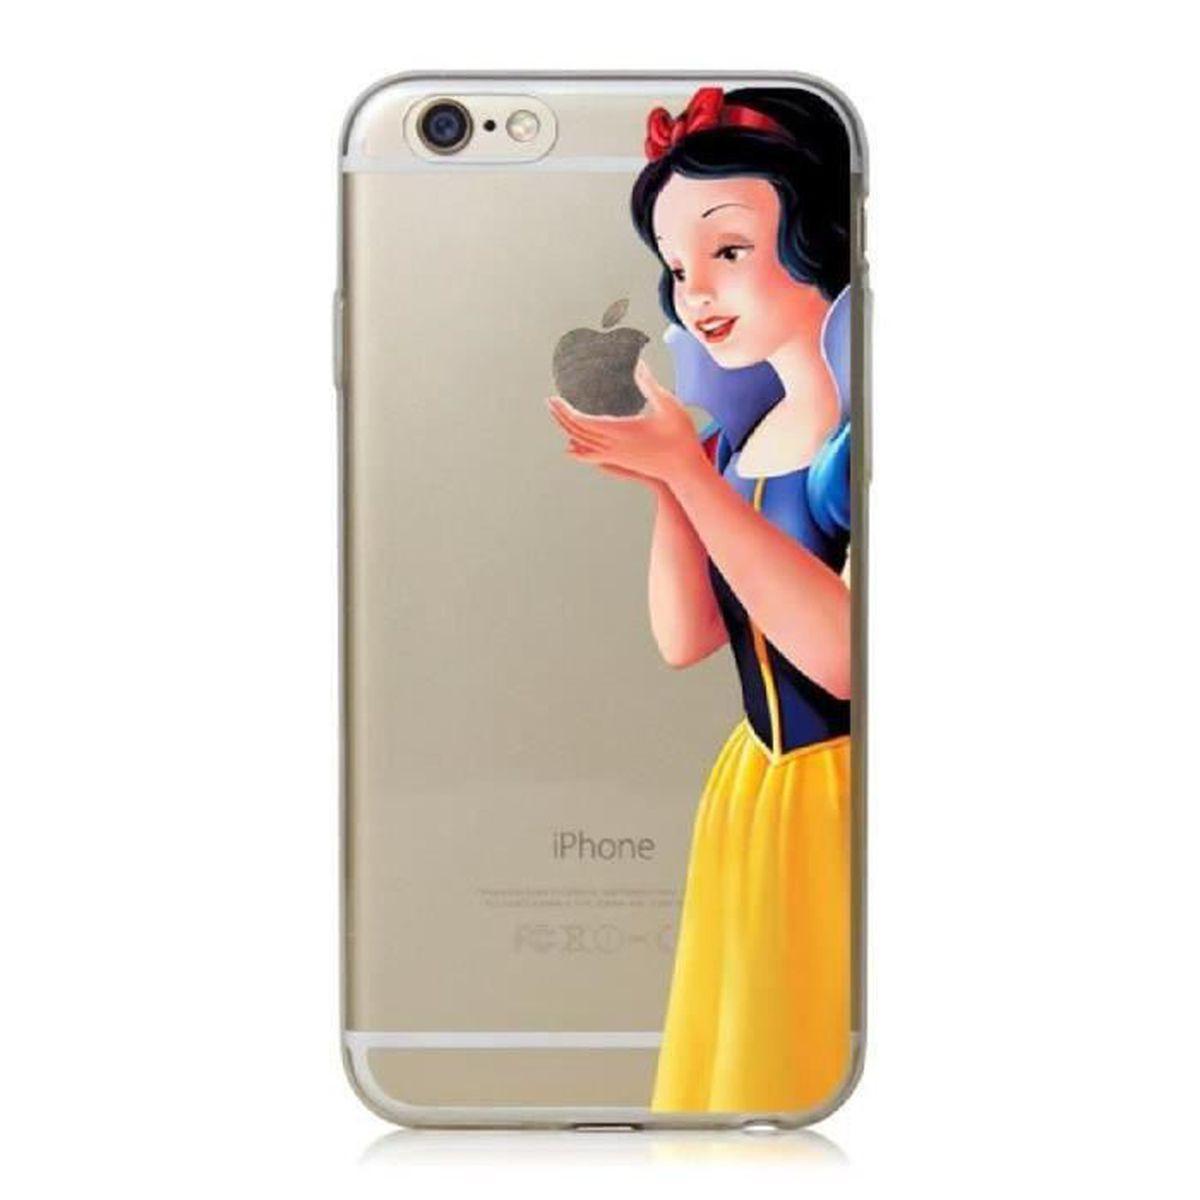 coque iphone 5c blanche neige dessin anime silicon